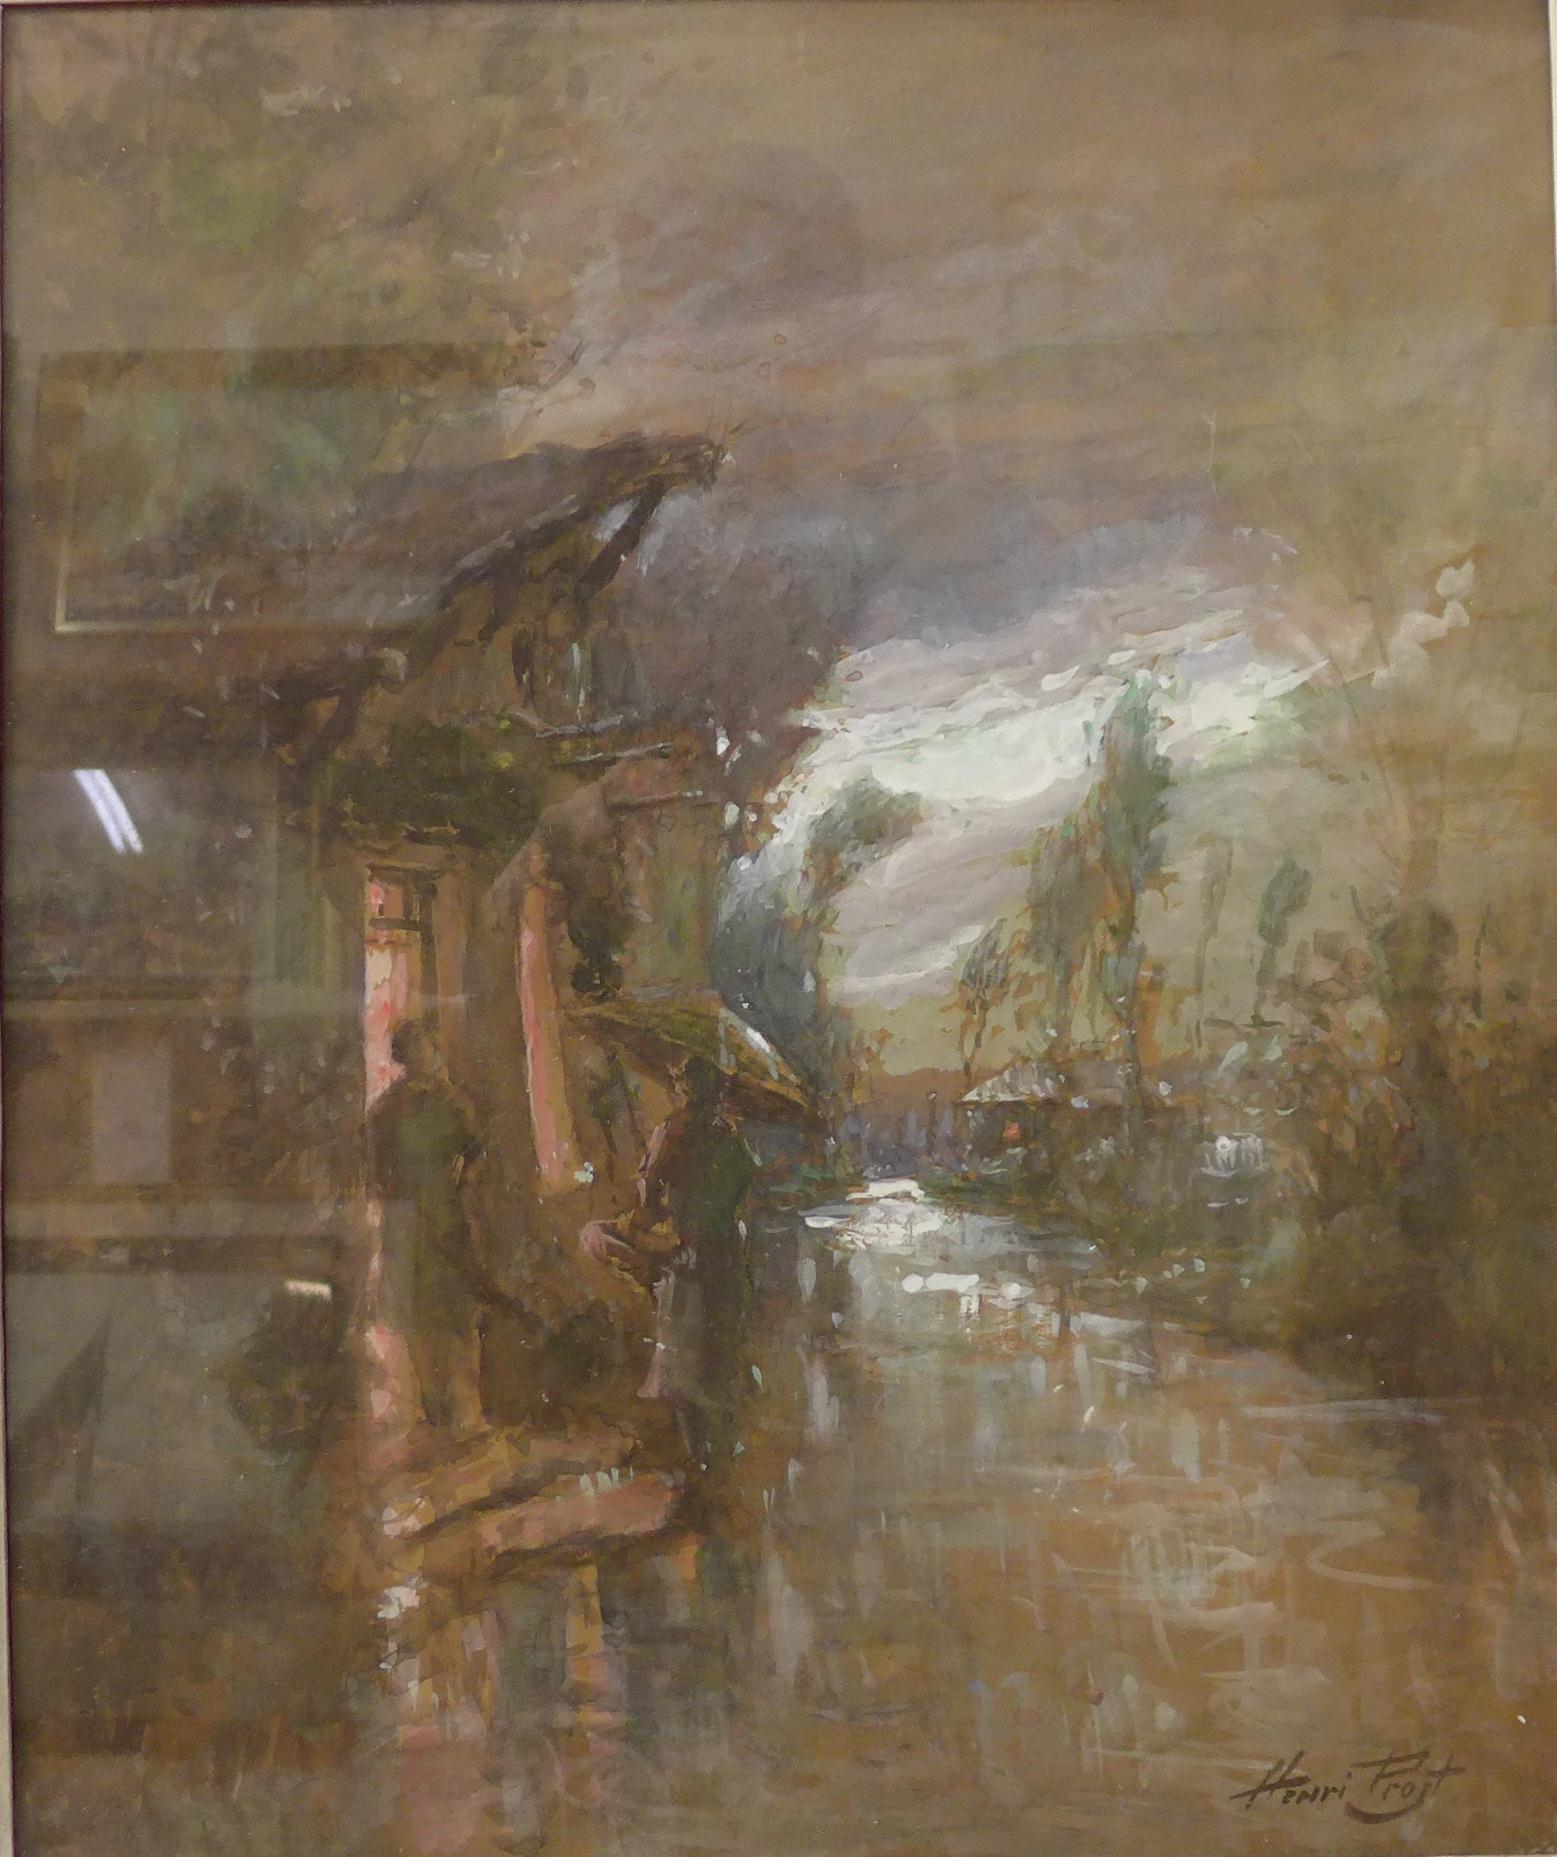 Lot 6A - Henri Prost, rainy landscape, watercolour and gouache, 55 x 45cms,